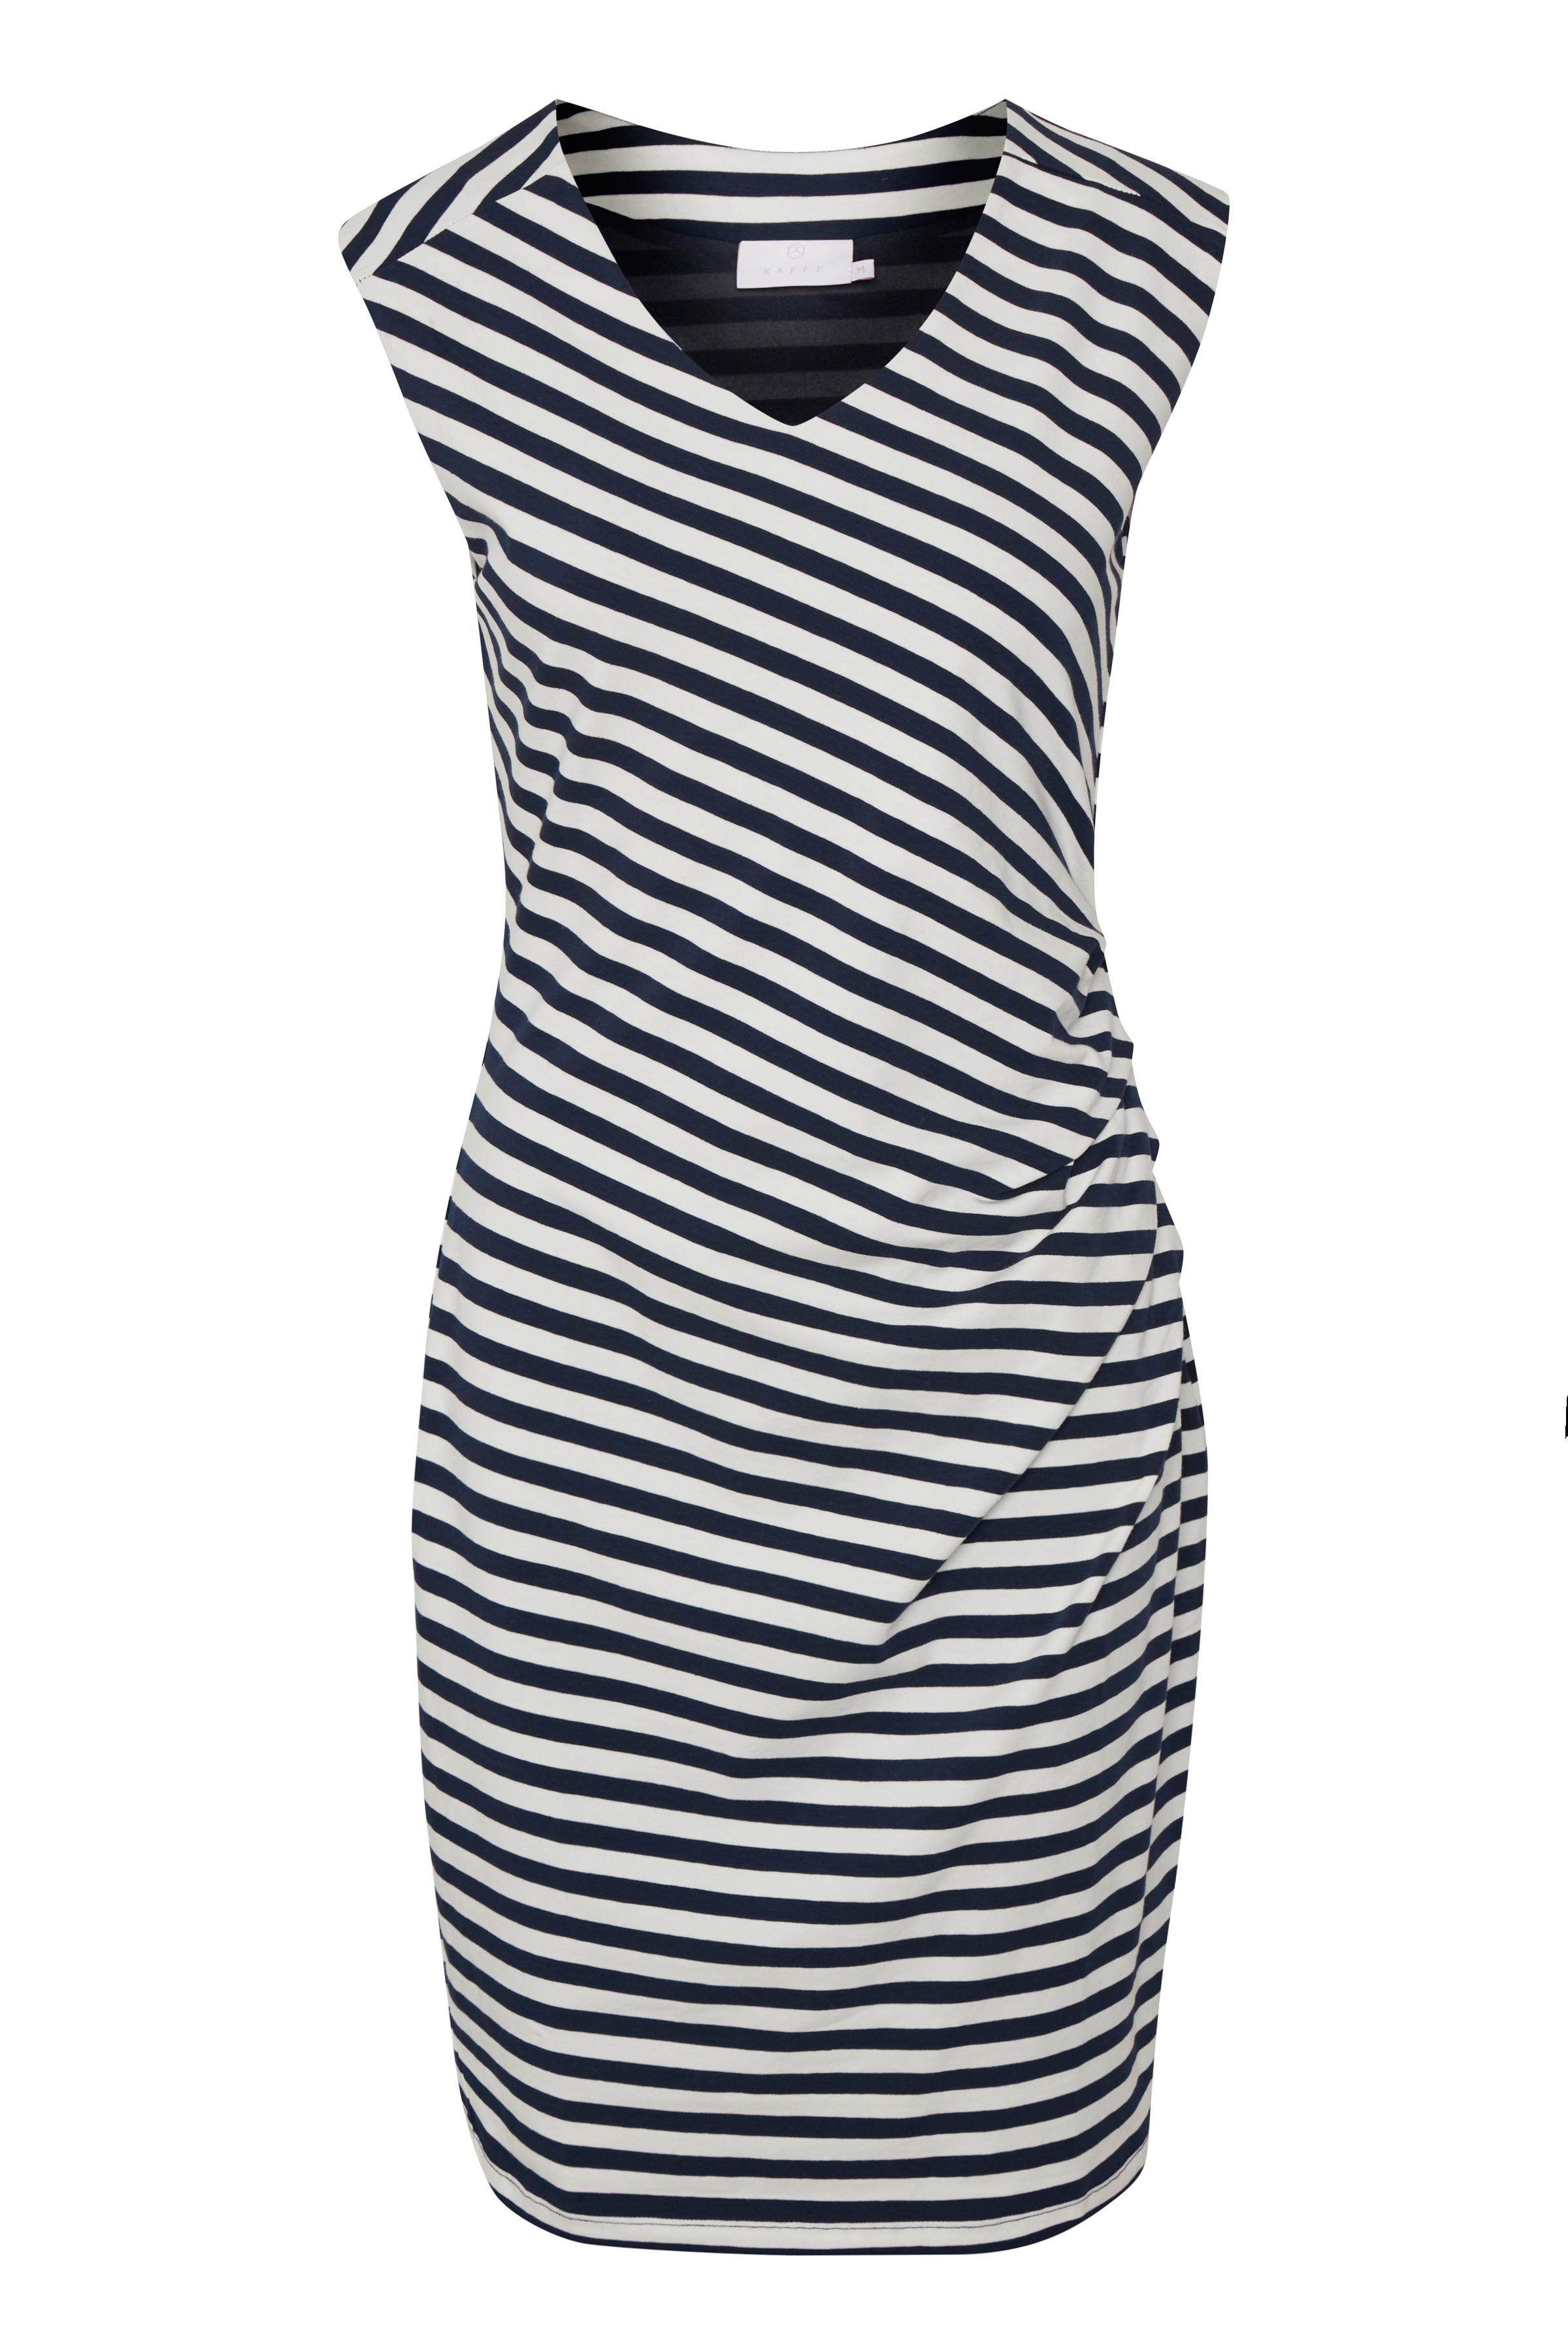 Marineblau/wollweiss Kleid von Kaffe – Shoppen SieMarineblau/wollweiss Kleid ab Gr. XS-XXL hier